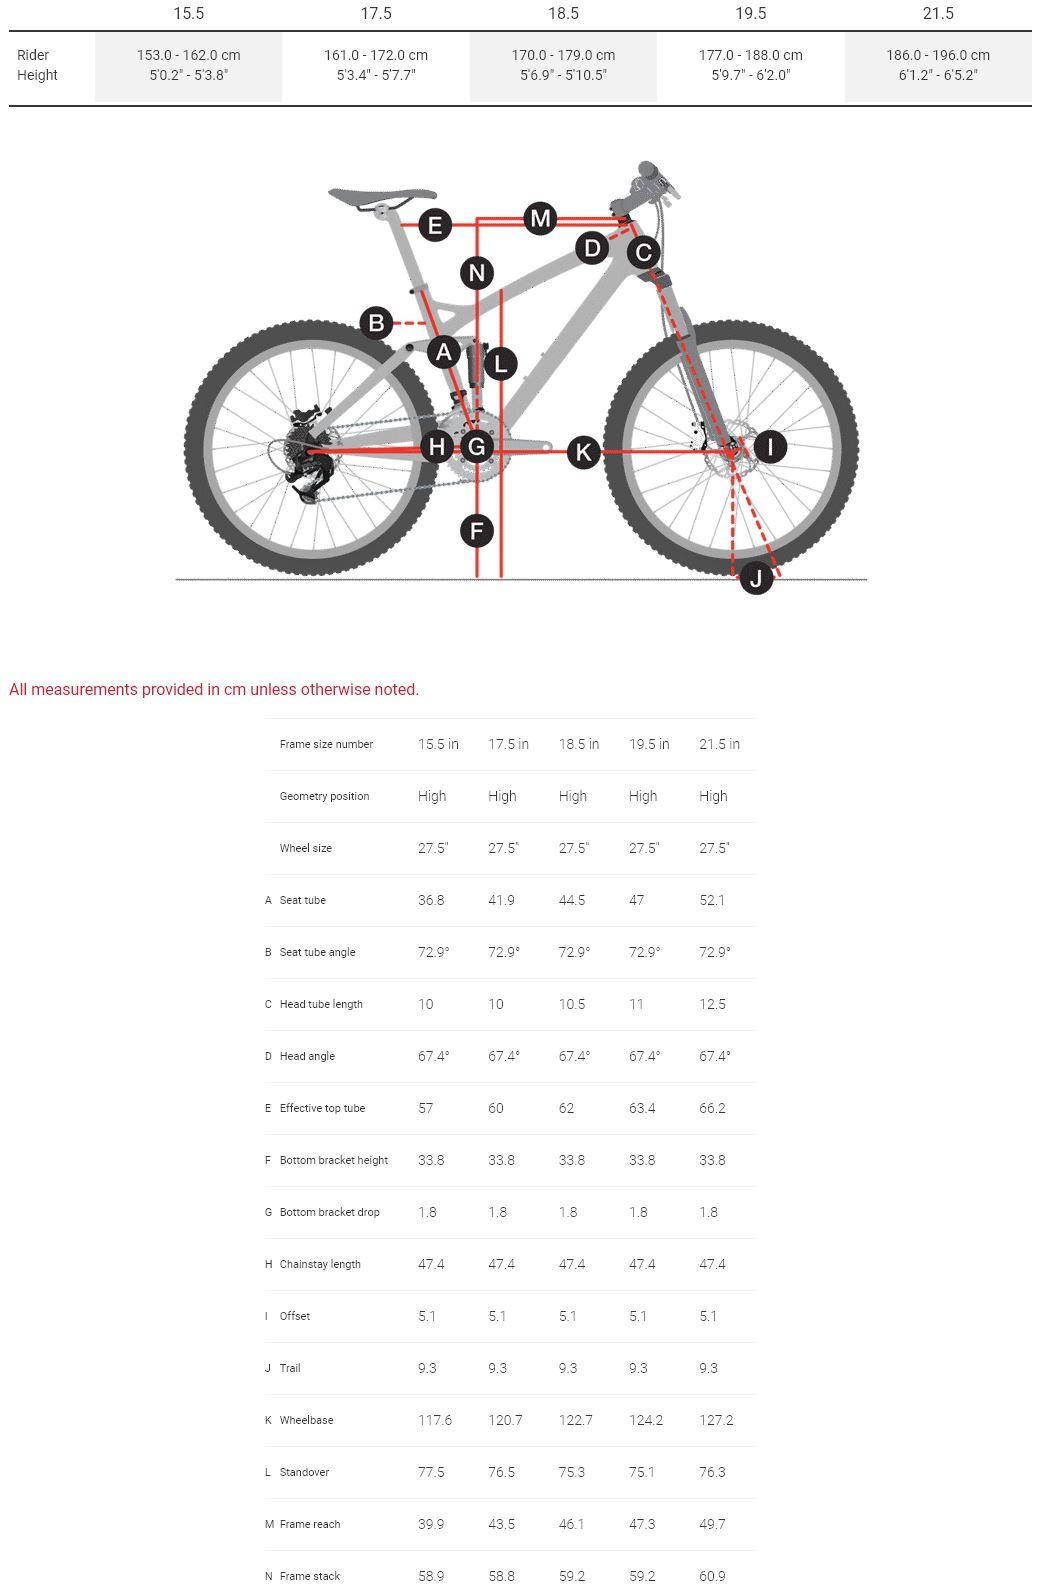 Trek Powerfly FS Geometry Chart